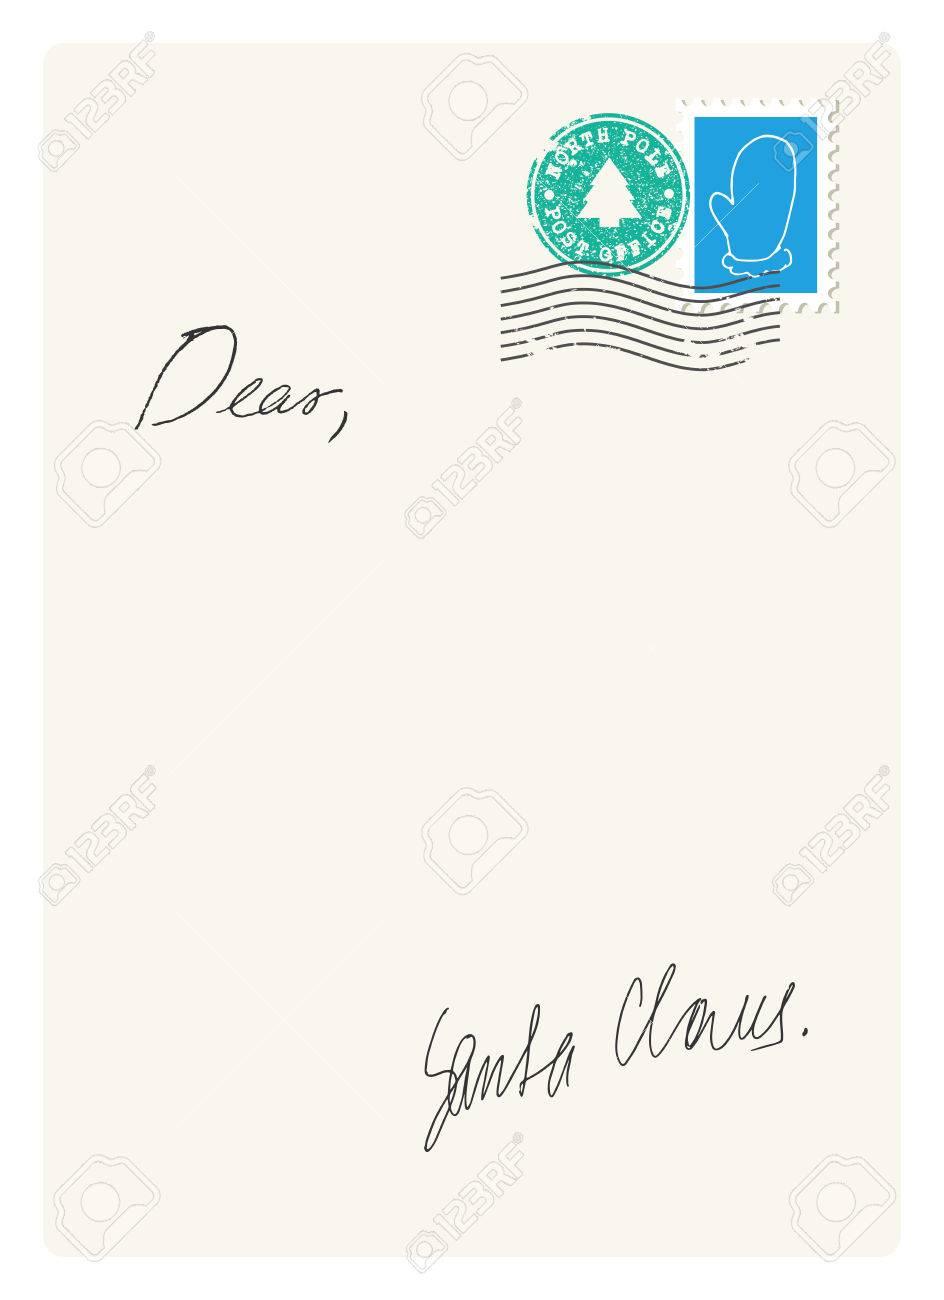 サンタからの手紙のイラスト素材ベクタ Image 47895450